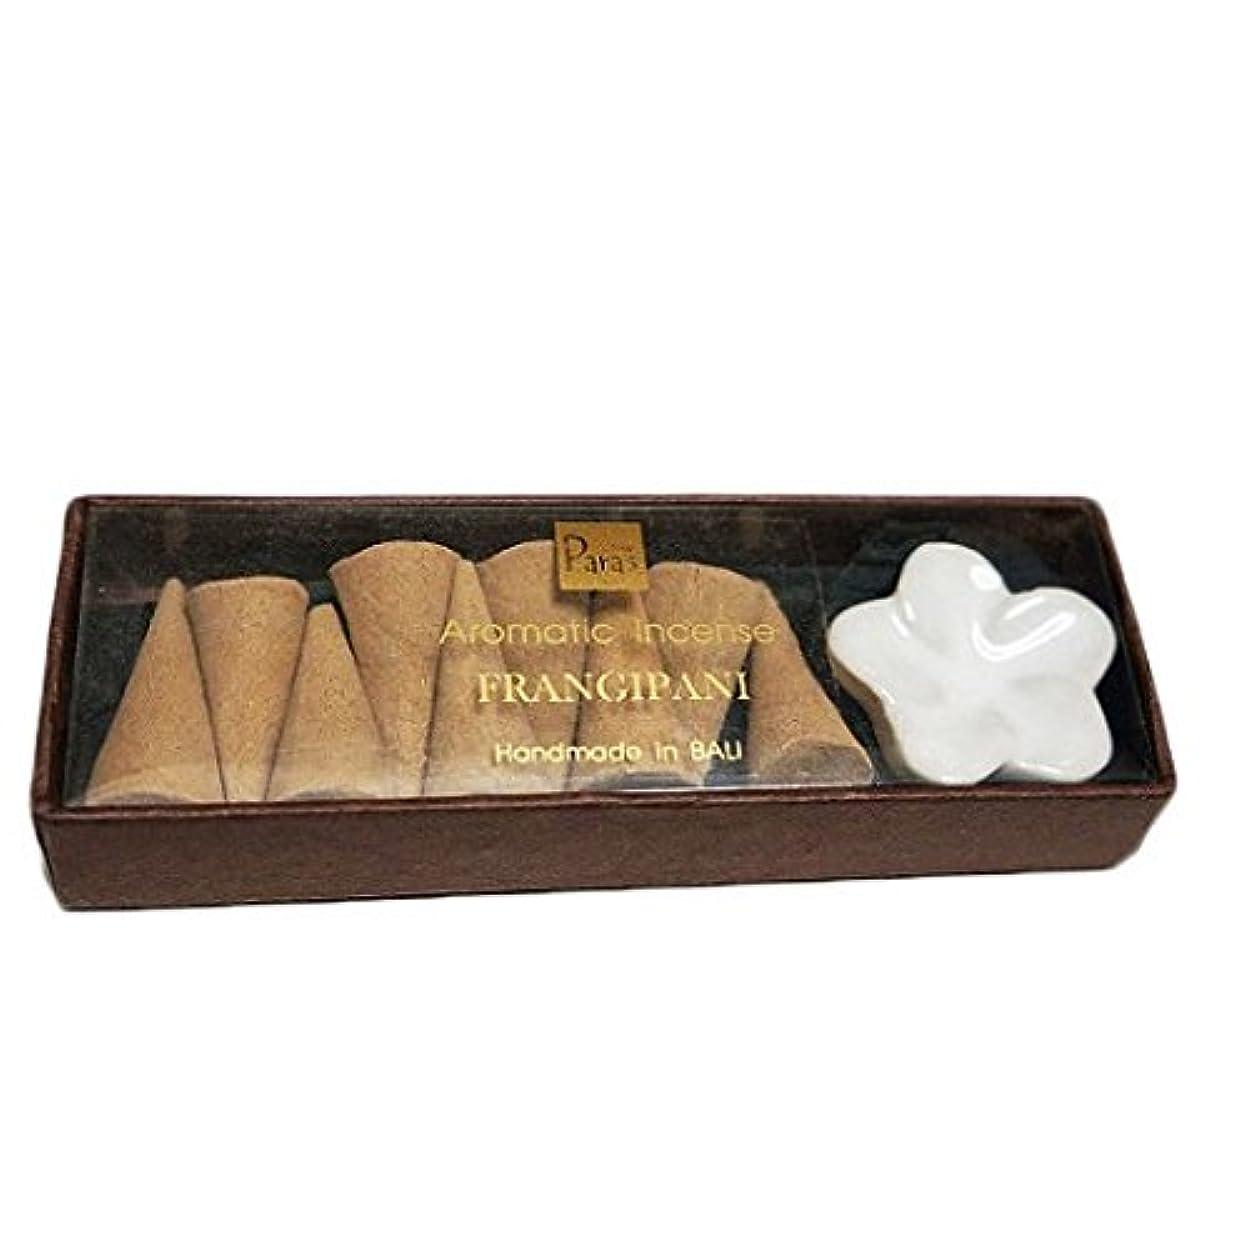 証明するに賛成罰フランジパニ お香セット【トコパラス TOKO PARAS】バリ島 フランジパニの陶器のお香立て付き ナチュラルハンドメイドのお香